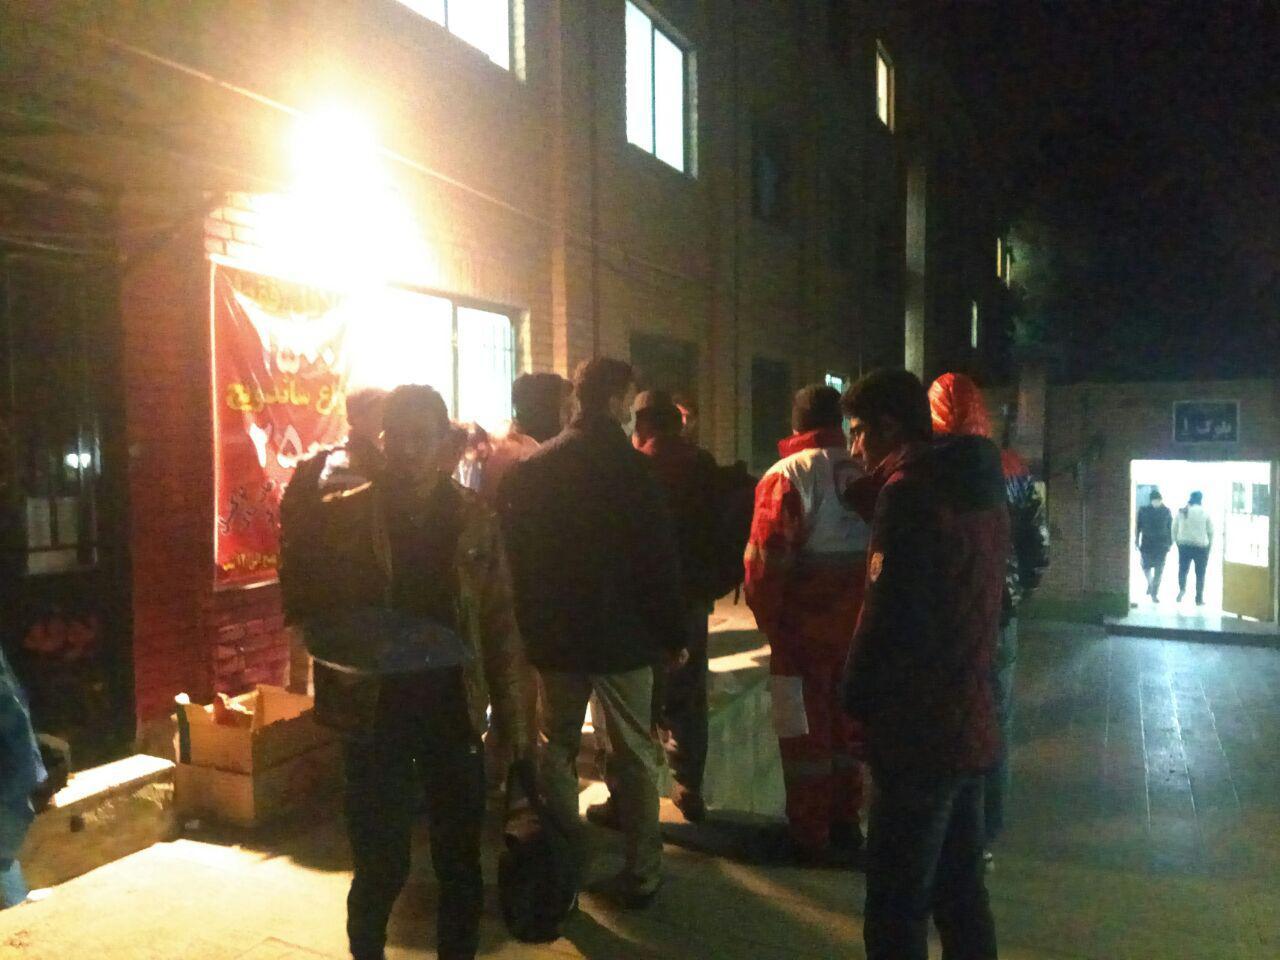 اعزام گروه امدادی بسیج دانشجویی به مناطق زلزلهزده